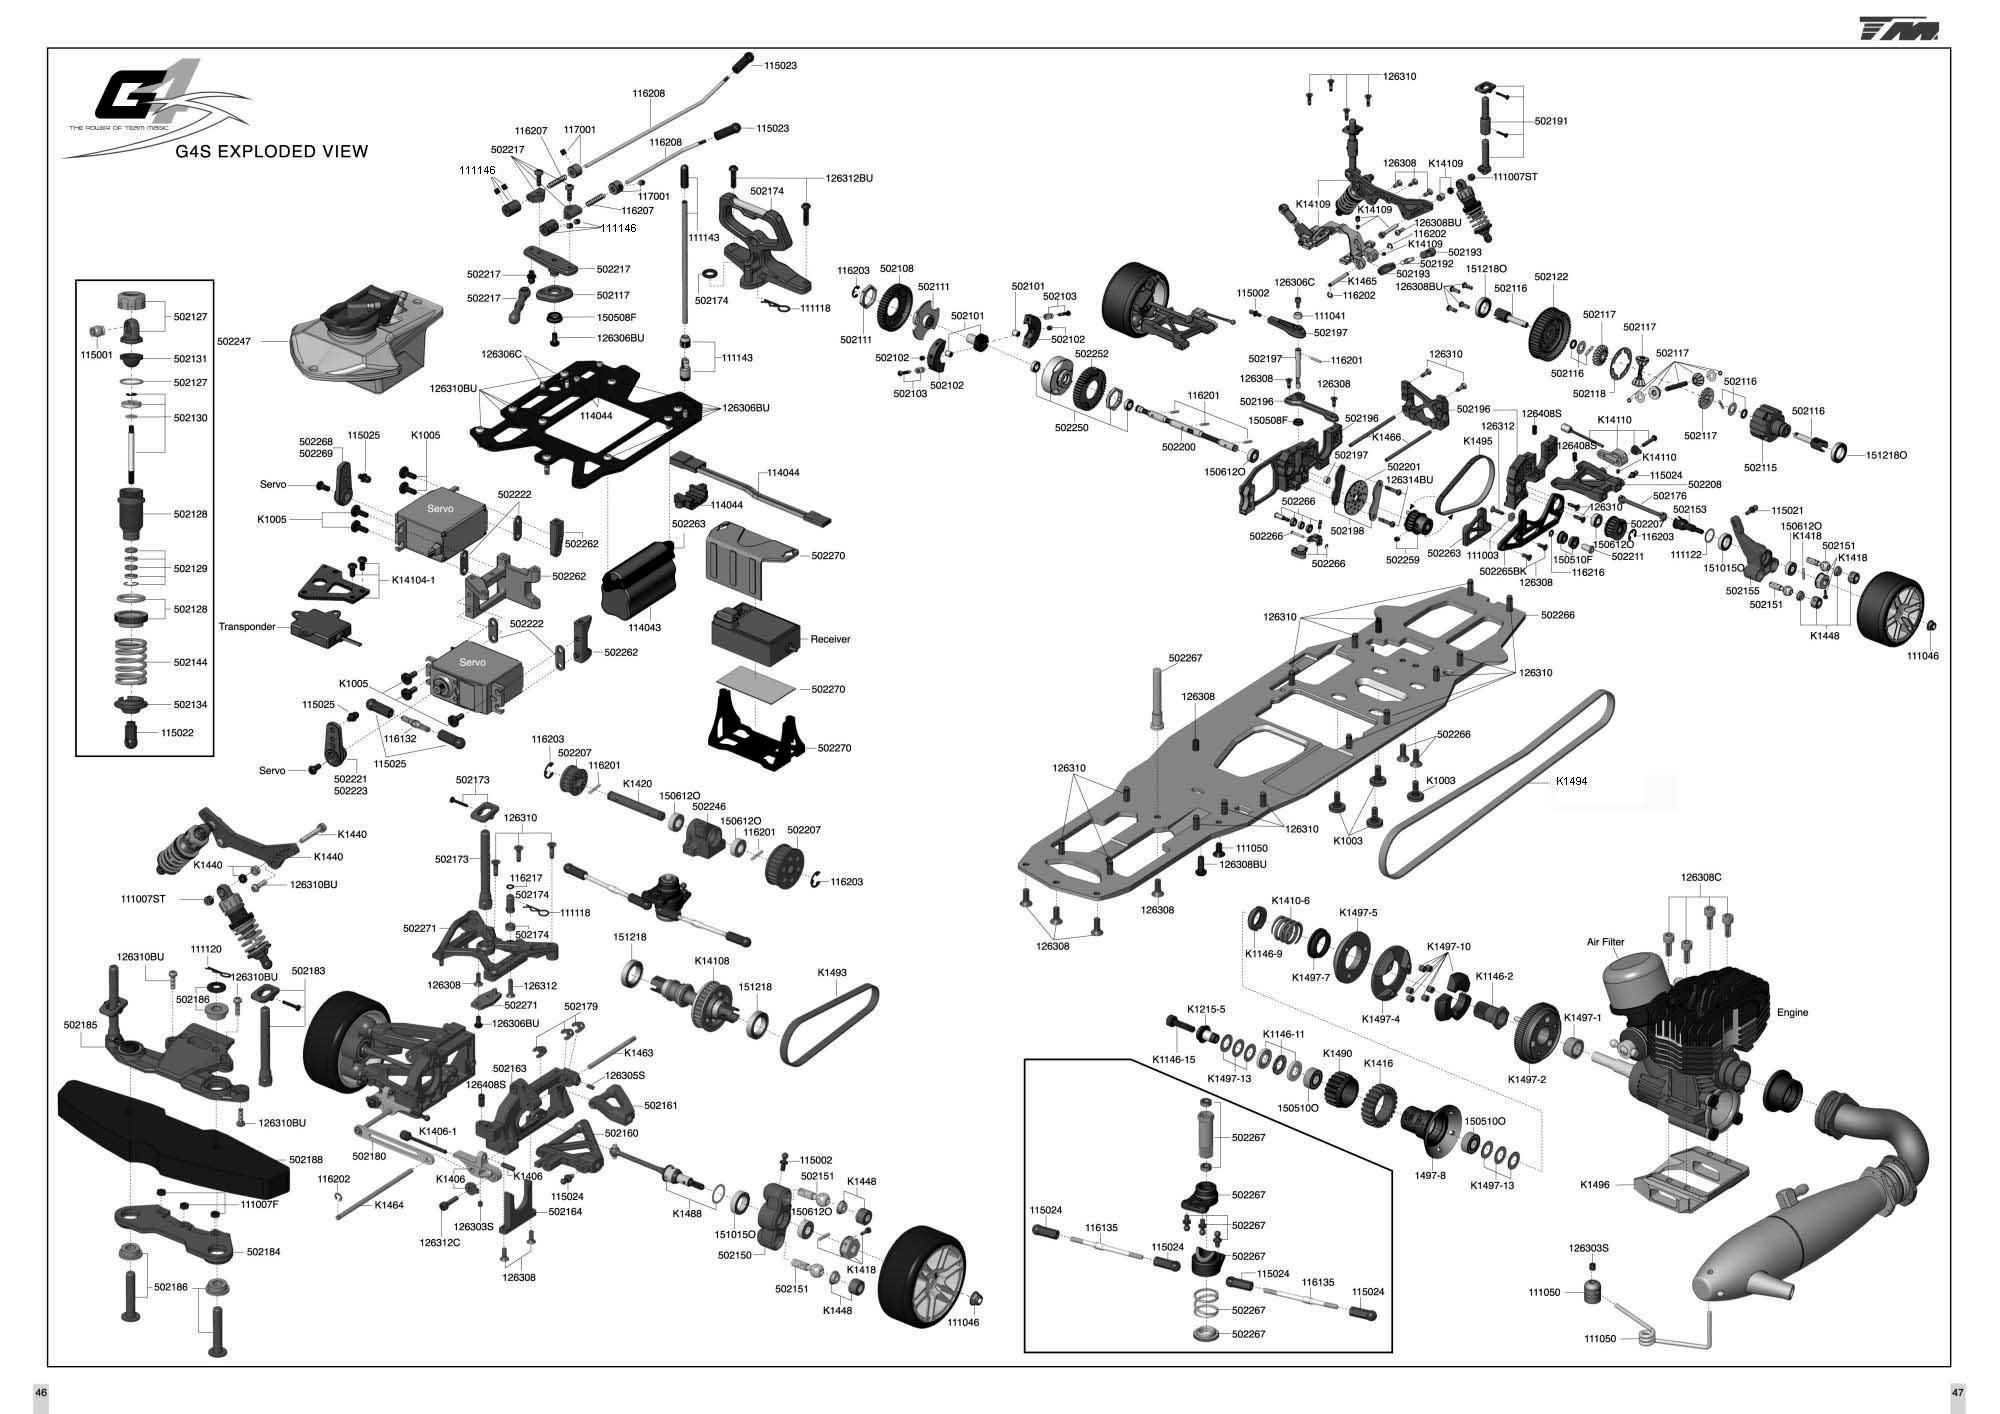 hpi savage 25 parts diagram salzer drum switch wiring blitz 9 24 kenmo lp de team magic g4 page 424 r c tech forums rh rctech net rc